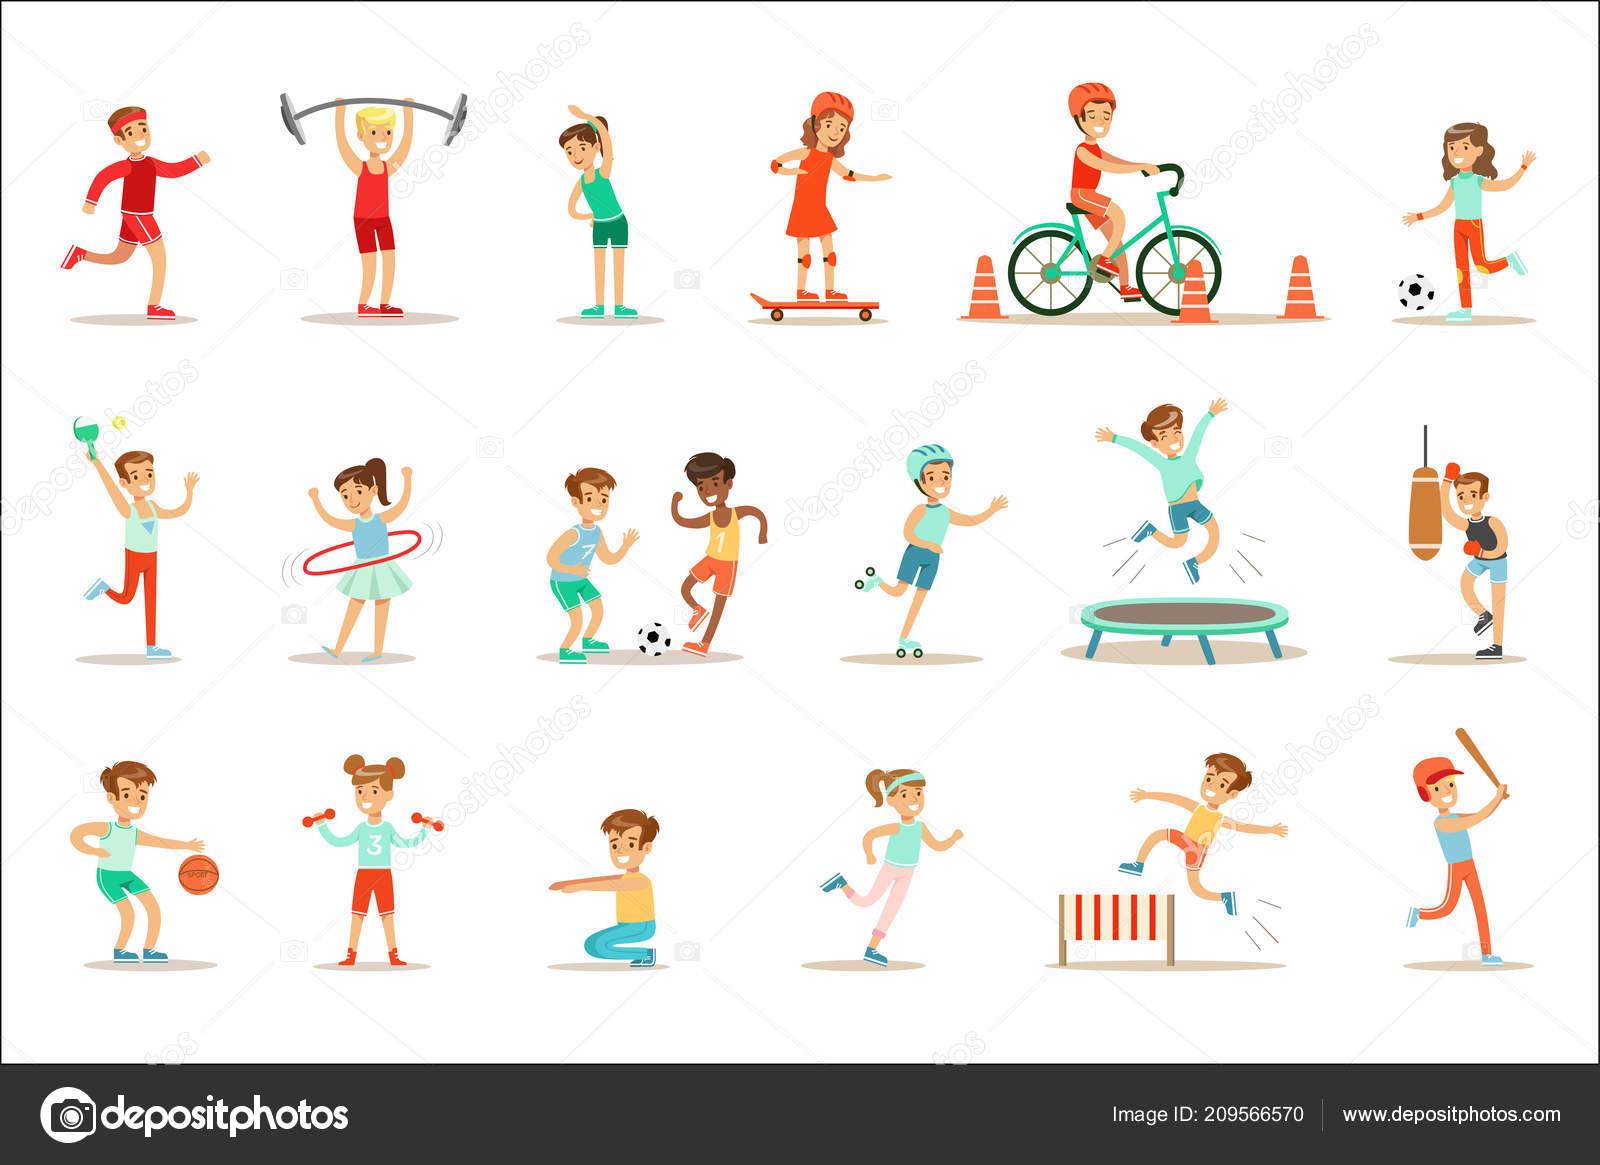 Top Kinderen die het beoefenen van verschillende sporten en fysieke #QL67